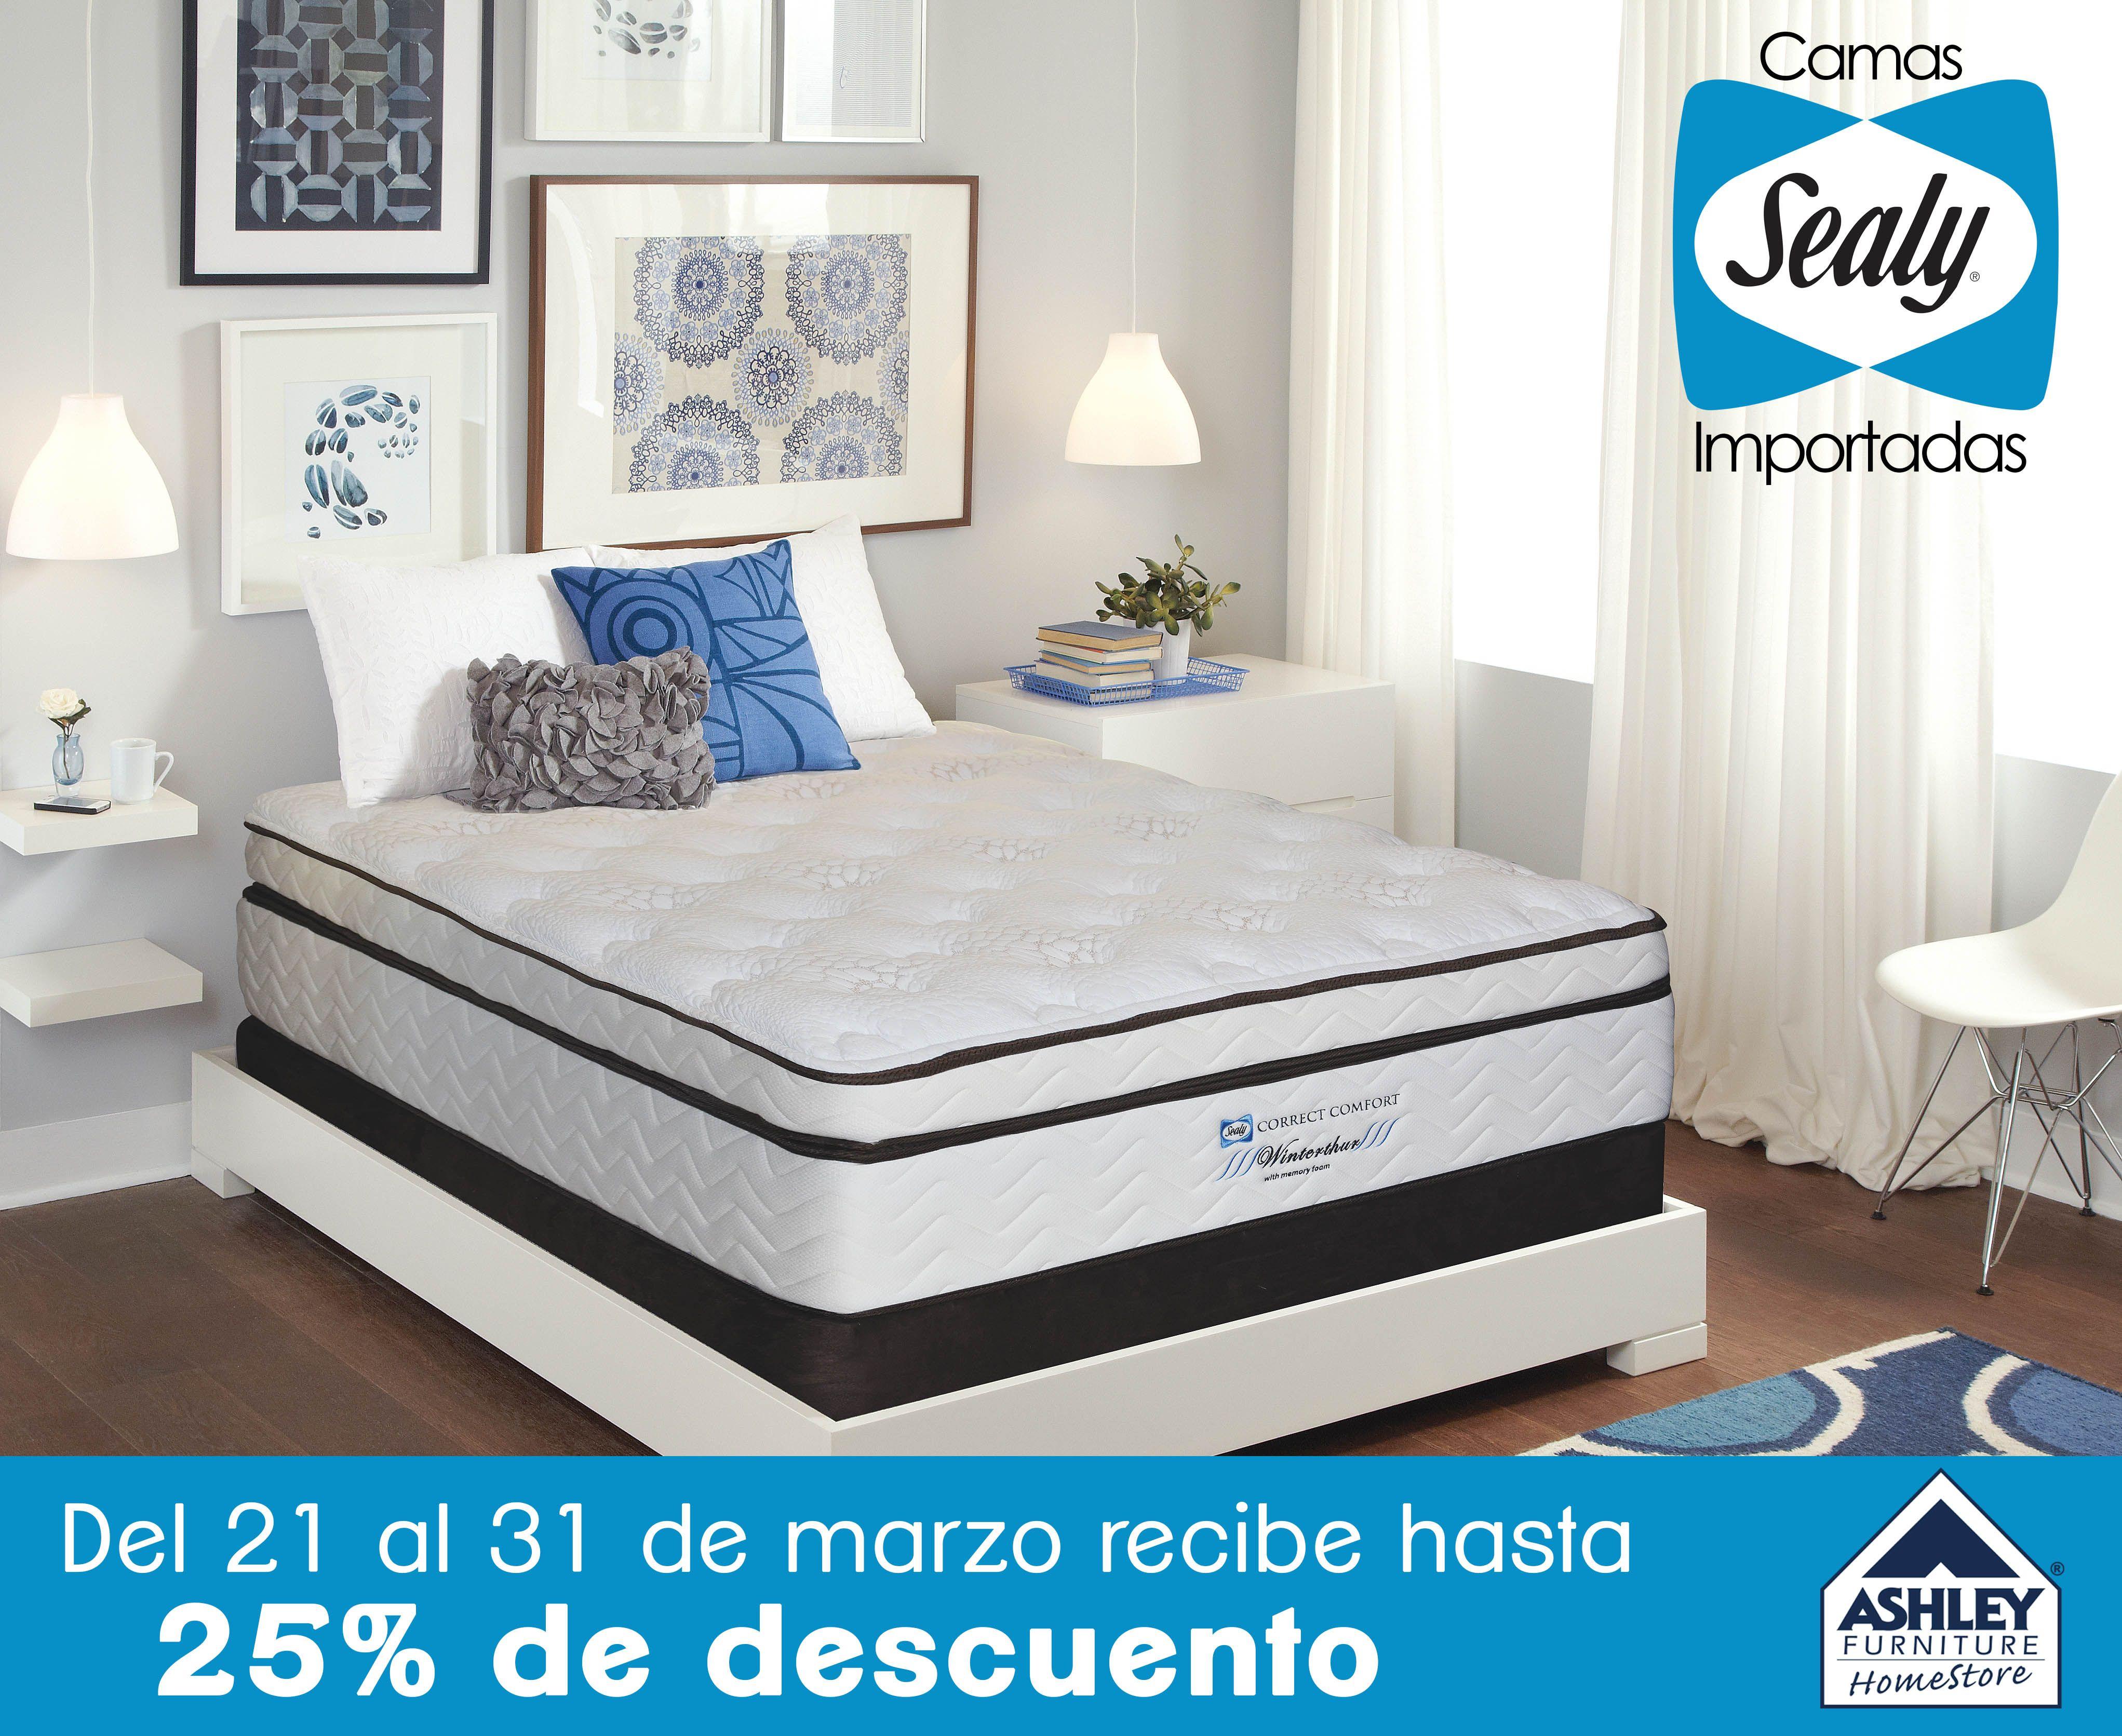 Ven a Ashley Furniture Homestore Guatemala y aprovecha este 29, 30 y ...